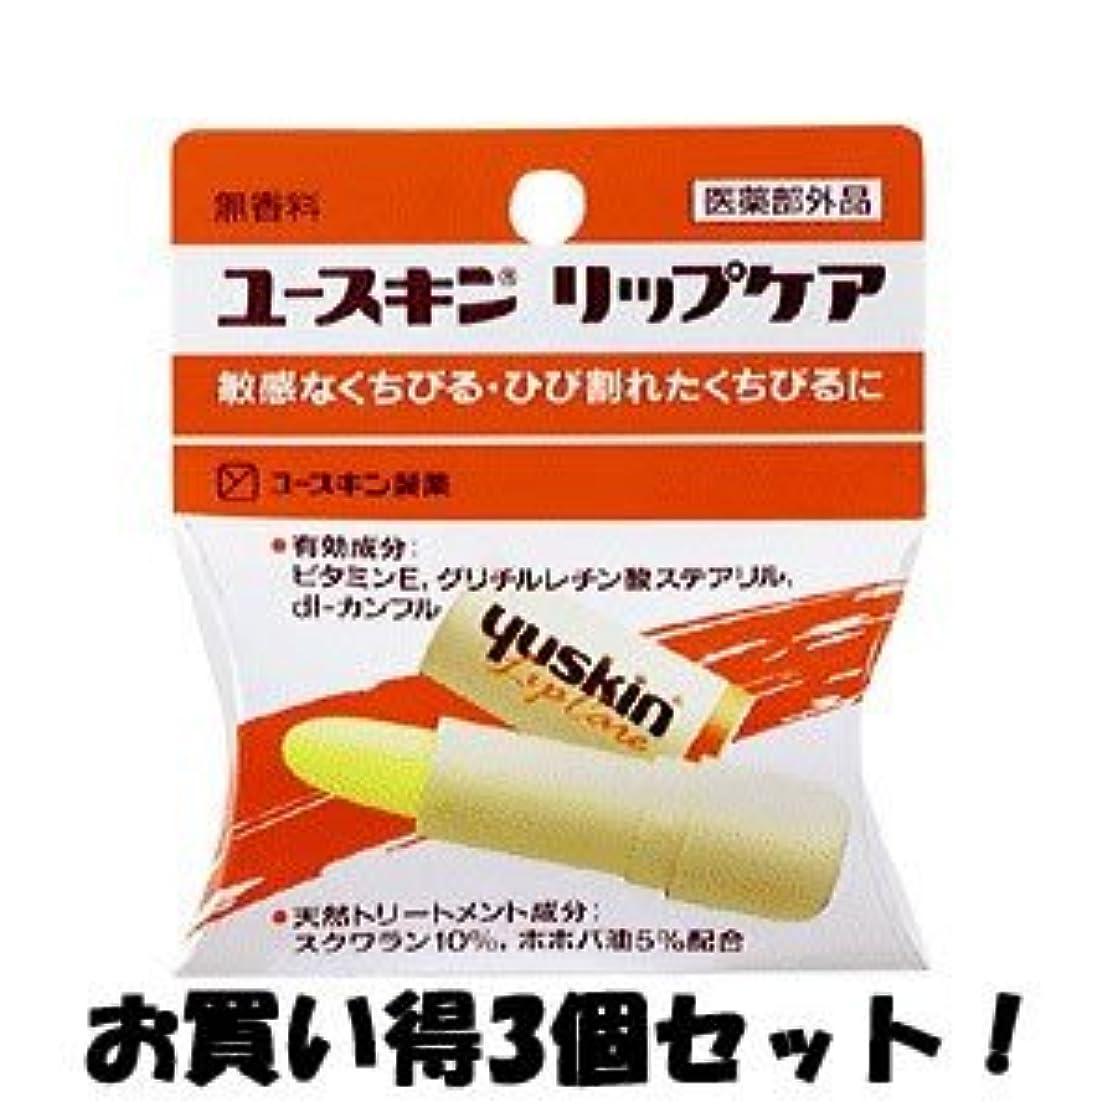 高価な拒絶するシェフ(ユースキン製薬)ユースキン リップケア 3.5g(医薬部外品)(お買い得3個セット)